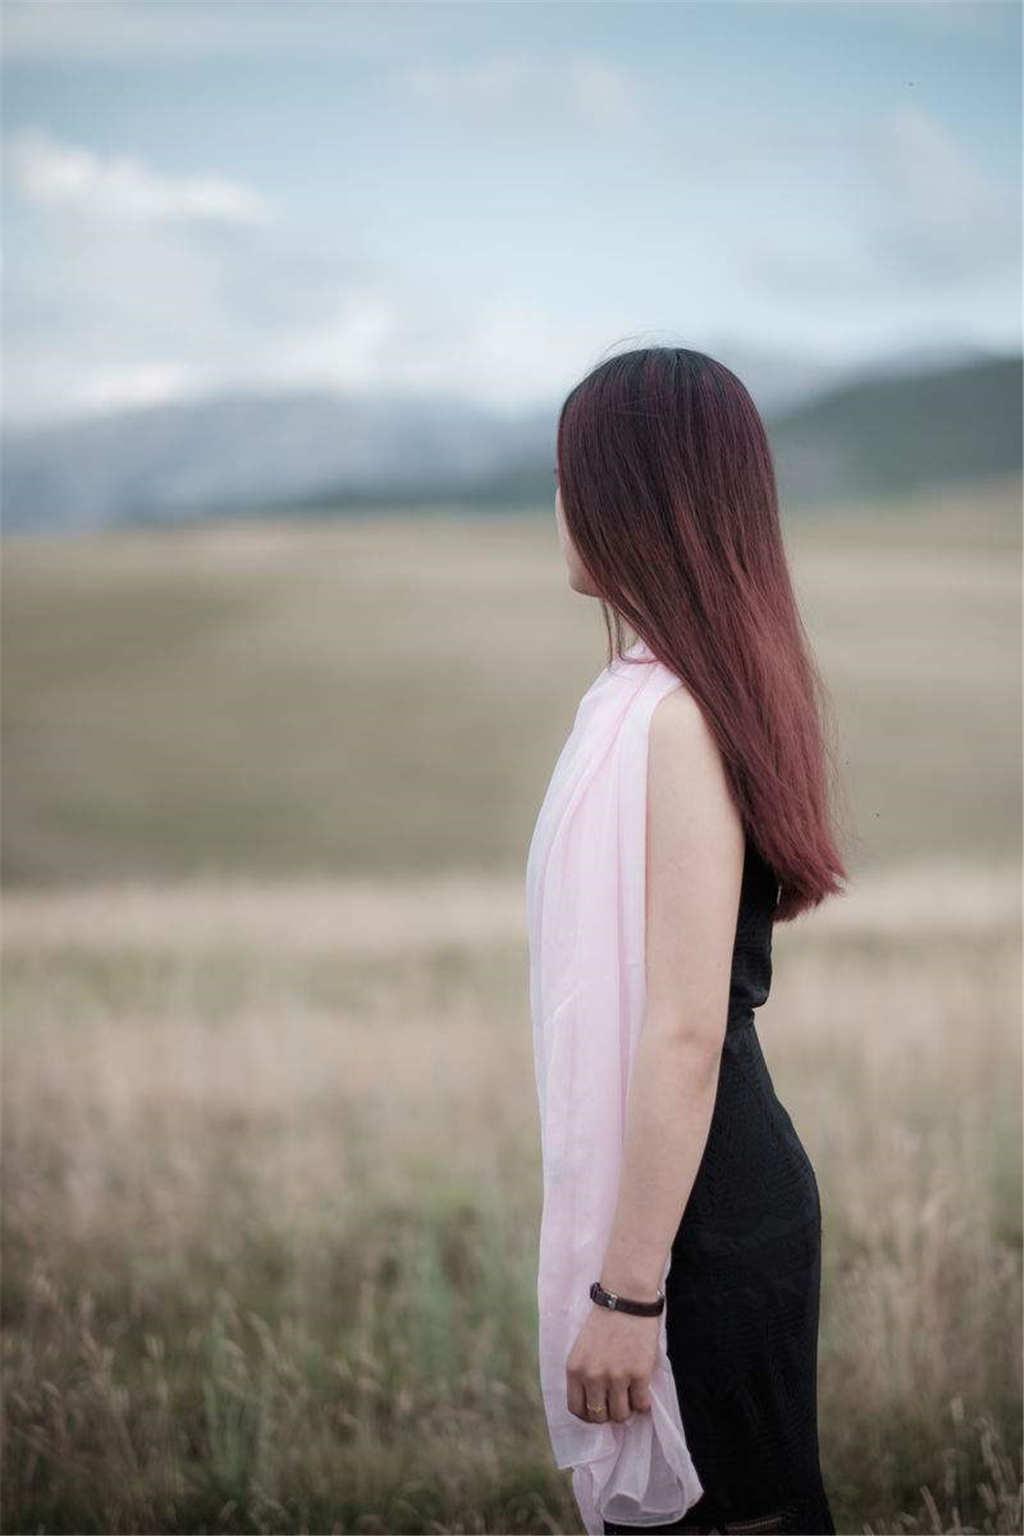 女生头像背影长发唯美大图(点击浏览下一张趣图)